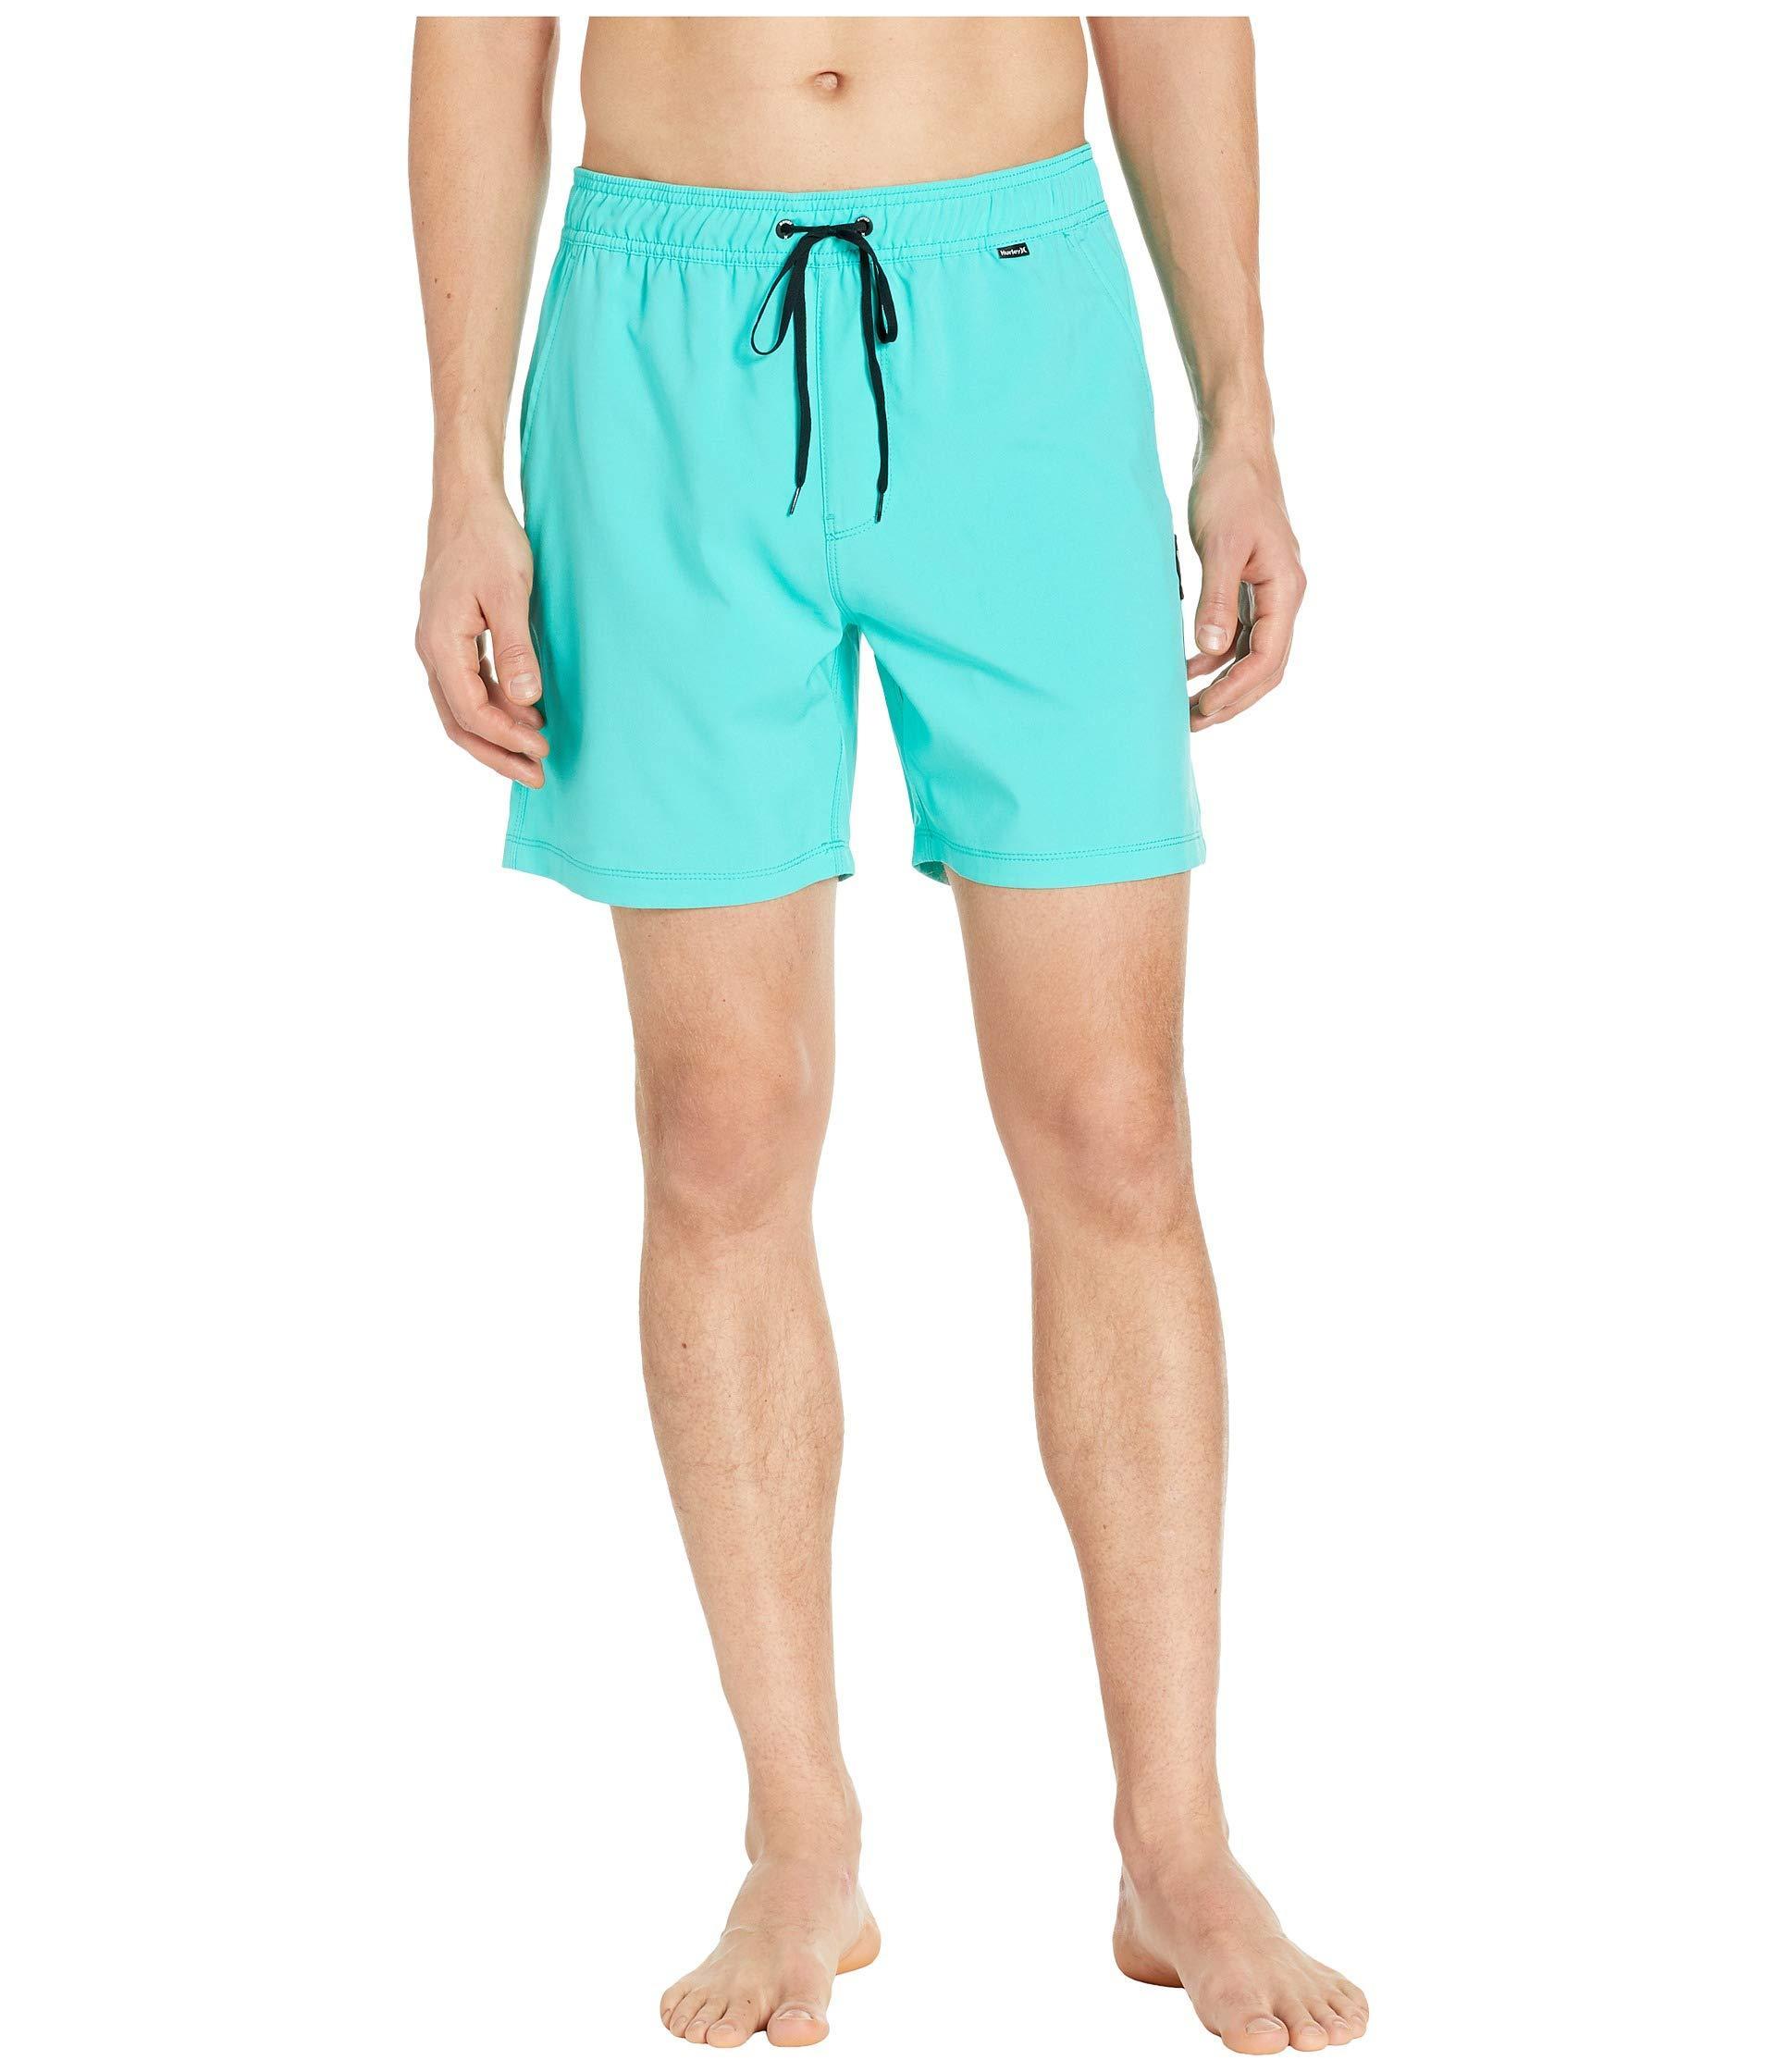 66487d334e Lyst - Hurley Oao Volley 17 (black) Men's Swimwear in Blue for Men